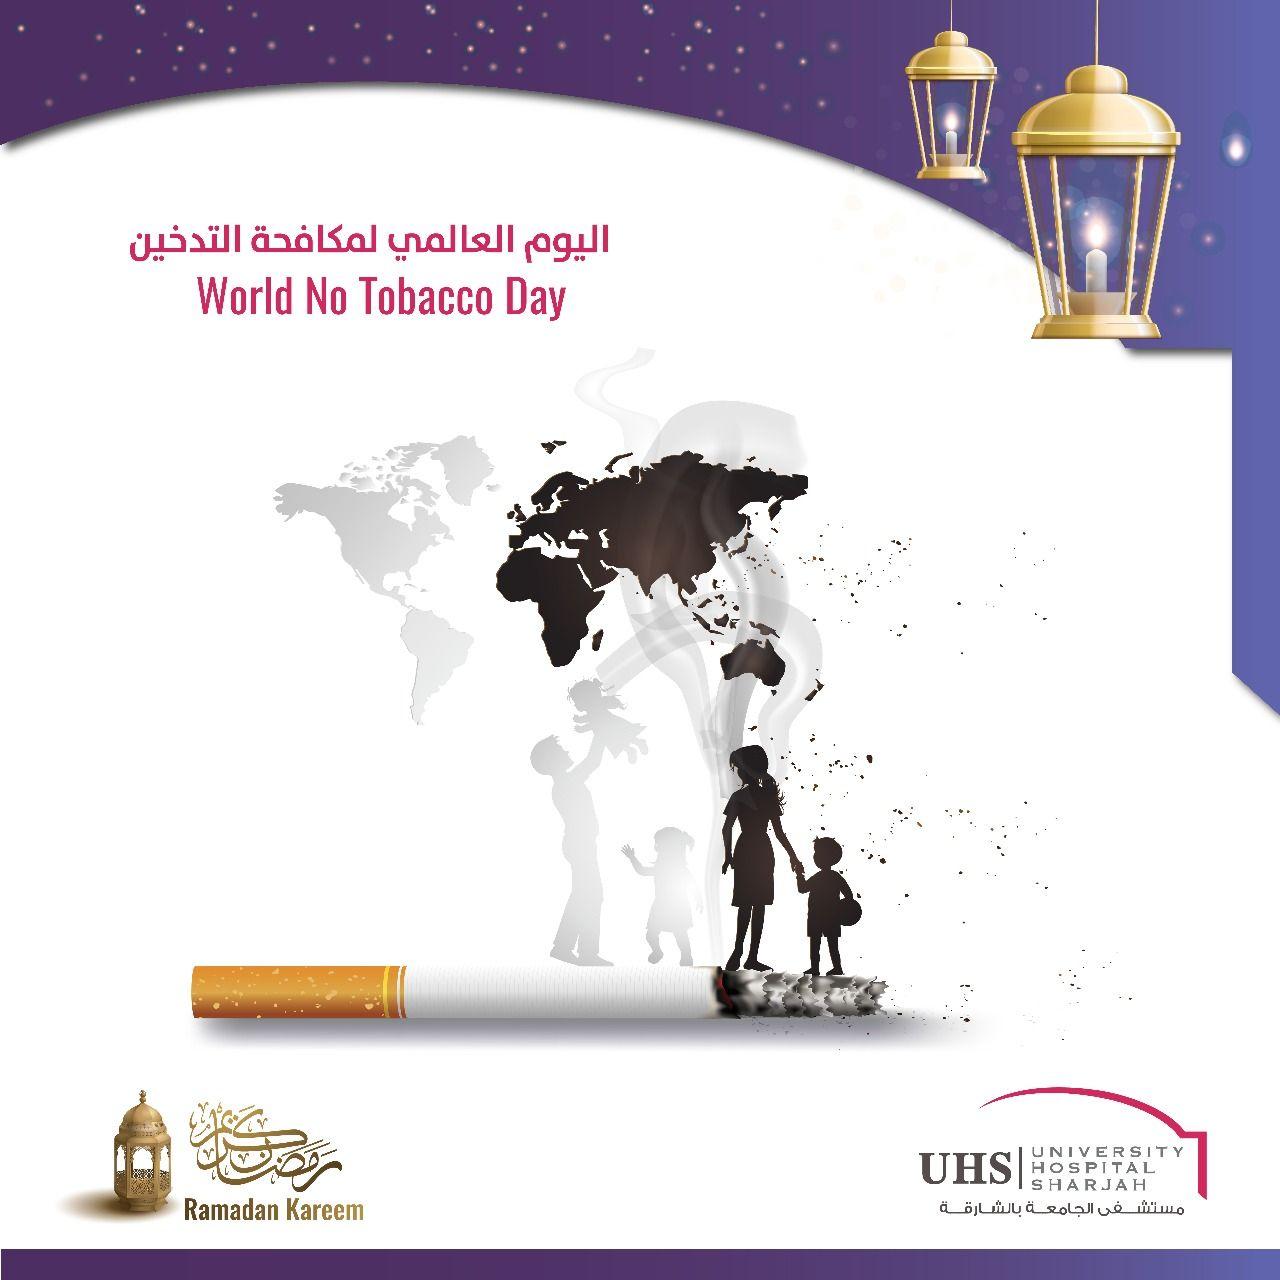 ي حتفل باليوم العالمي لمكافحة التدخين حول العالم في الحادي والثلاثين من شهر أيار مايو في كل عام لجذب الانتباه العالمي لوباء التبغ Movie Posters Poster Movies